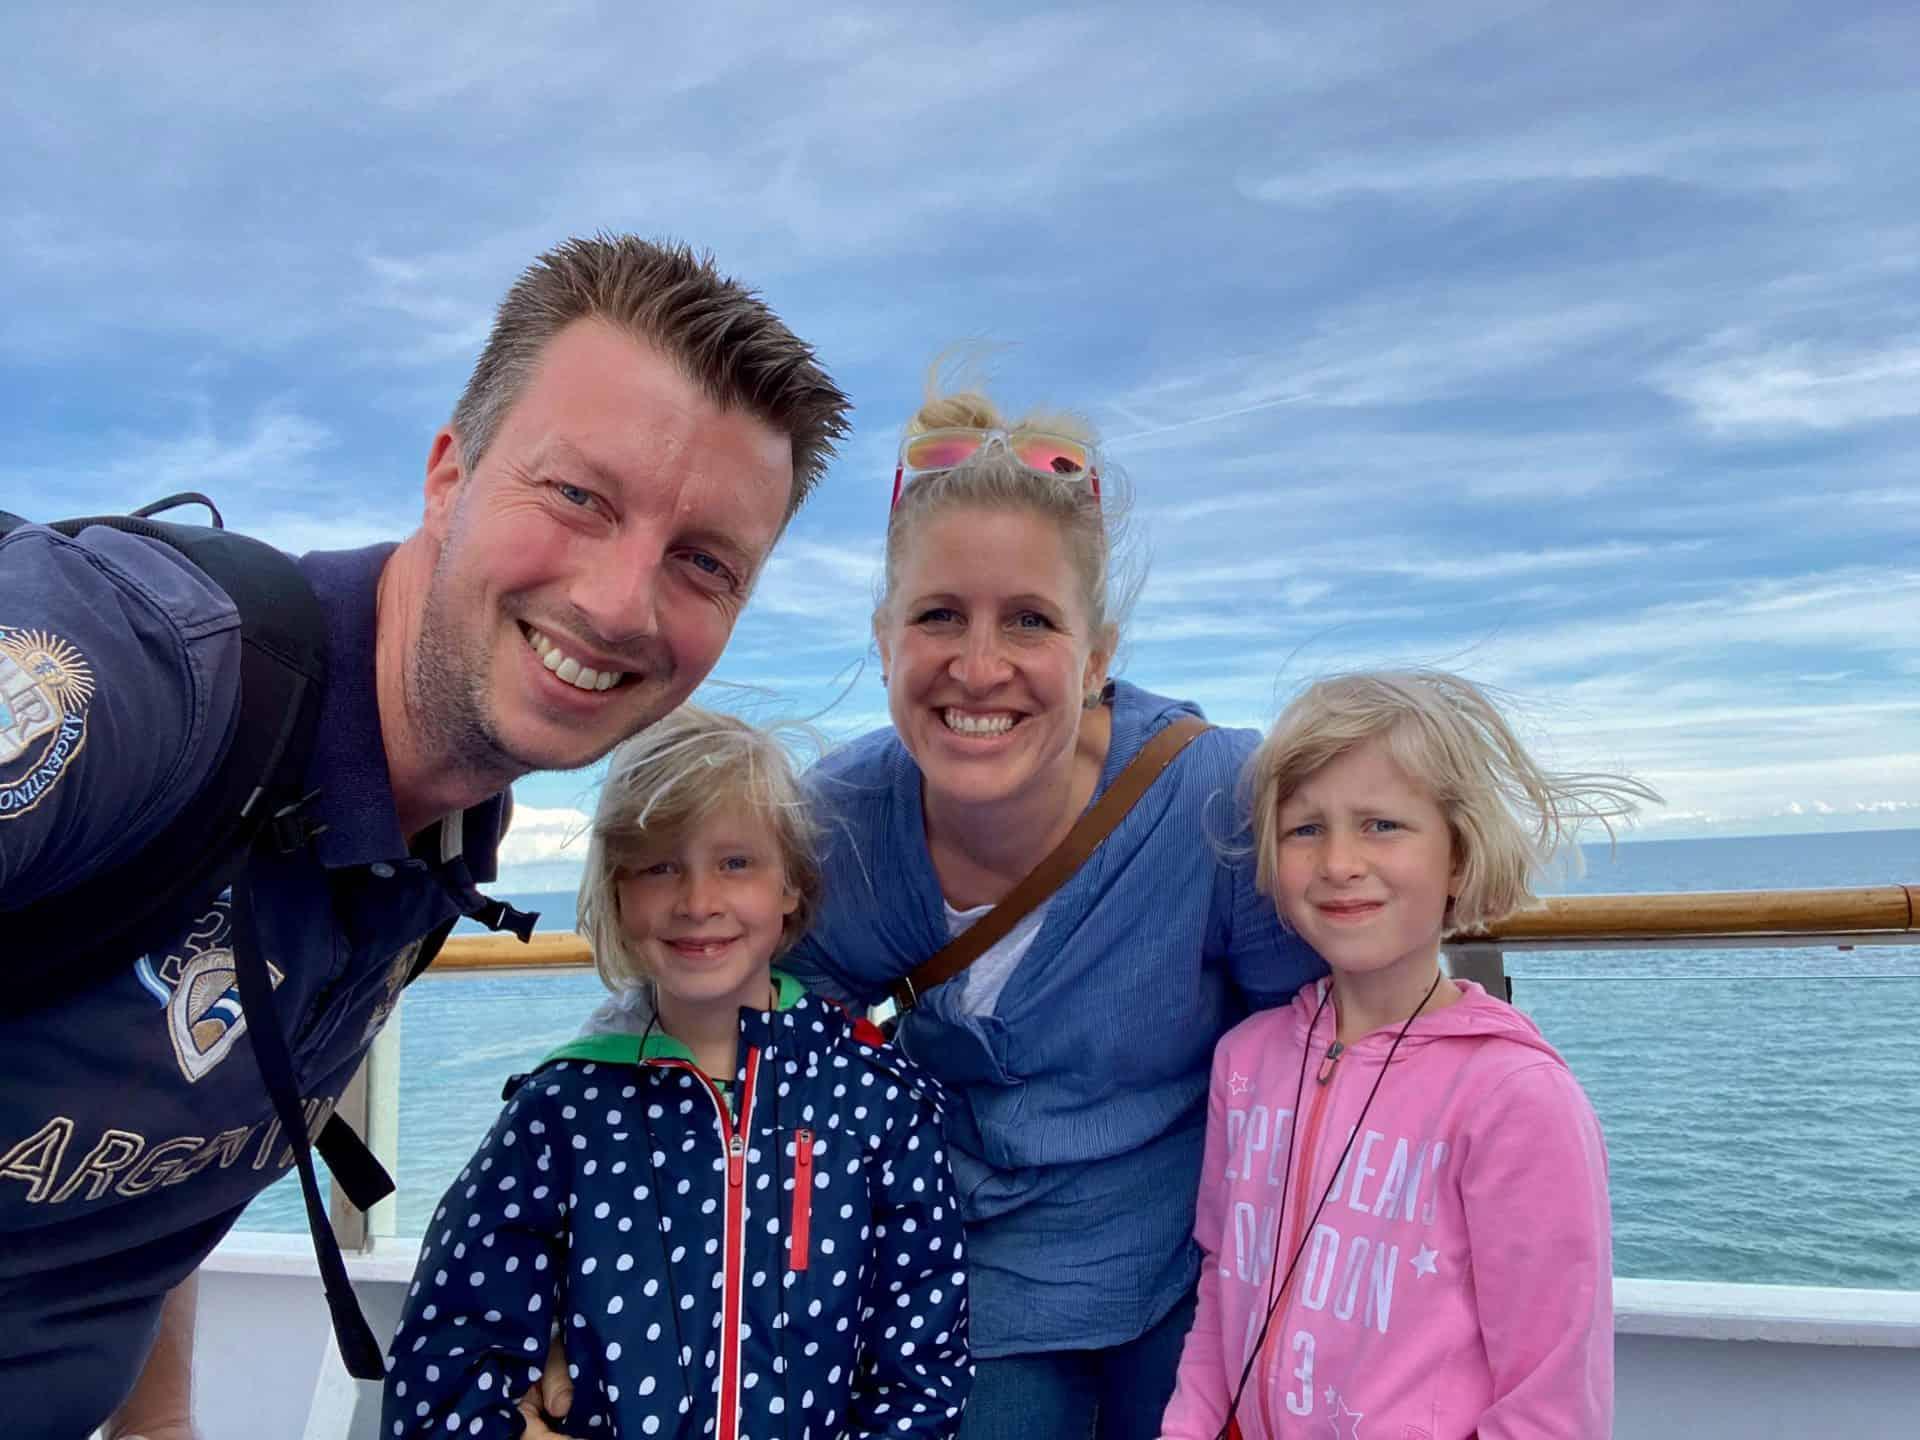 Reise-Wohnmobil-Daenemark-Überfahrt-Faehre-Family